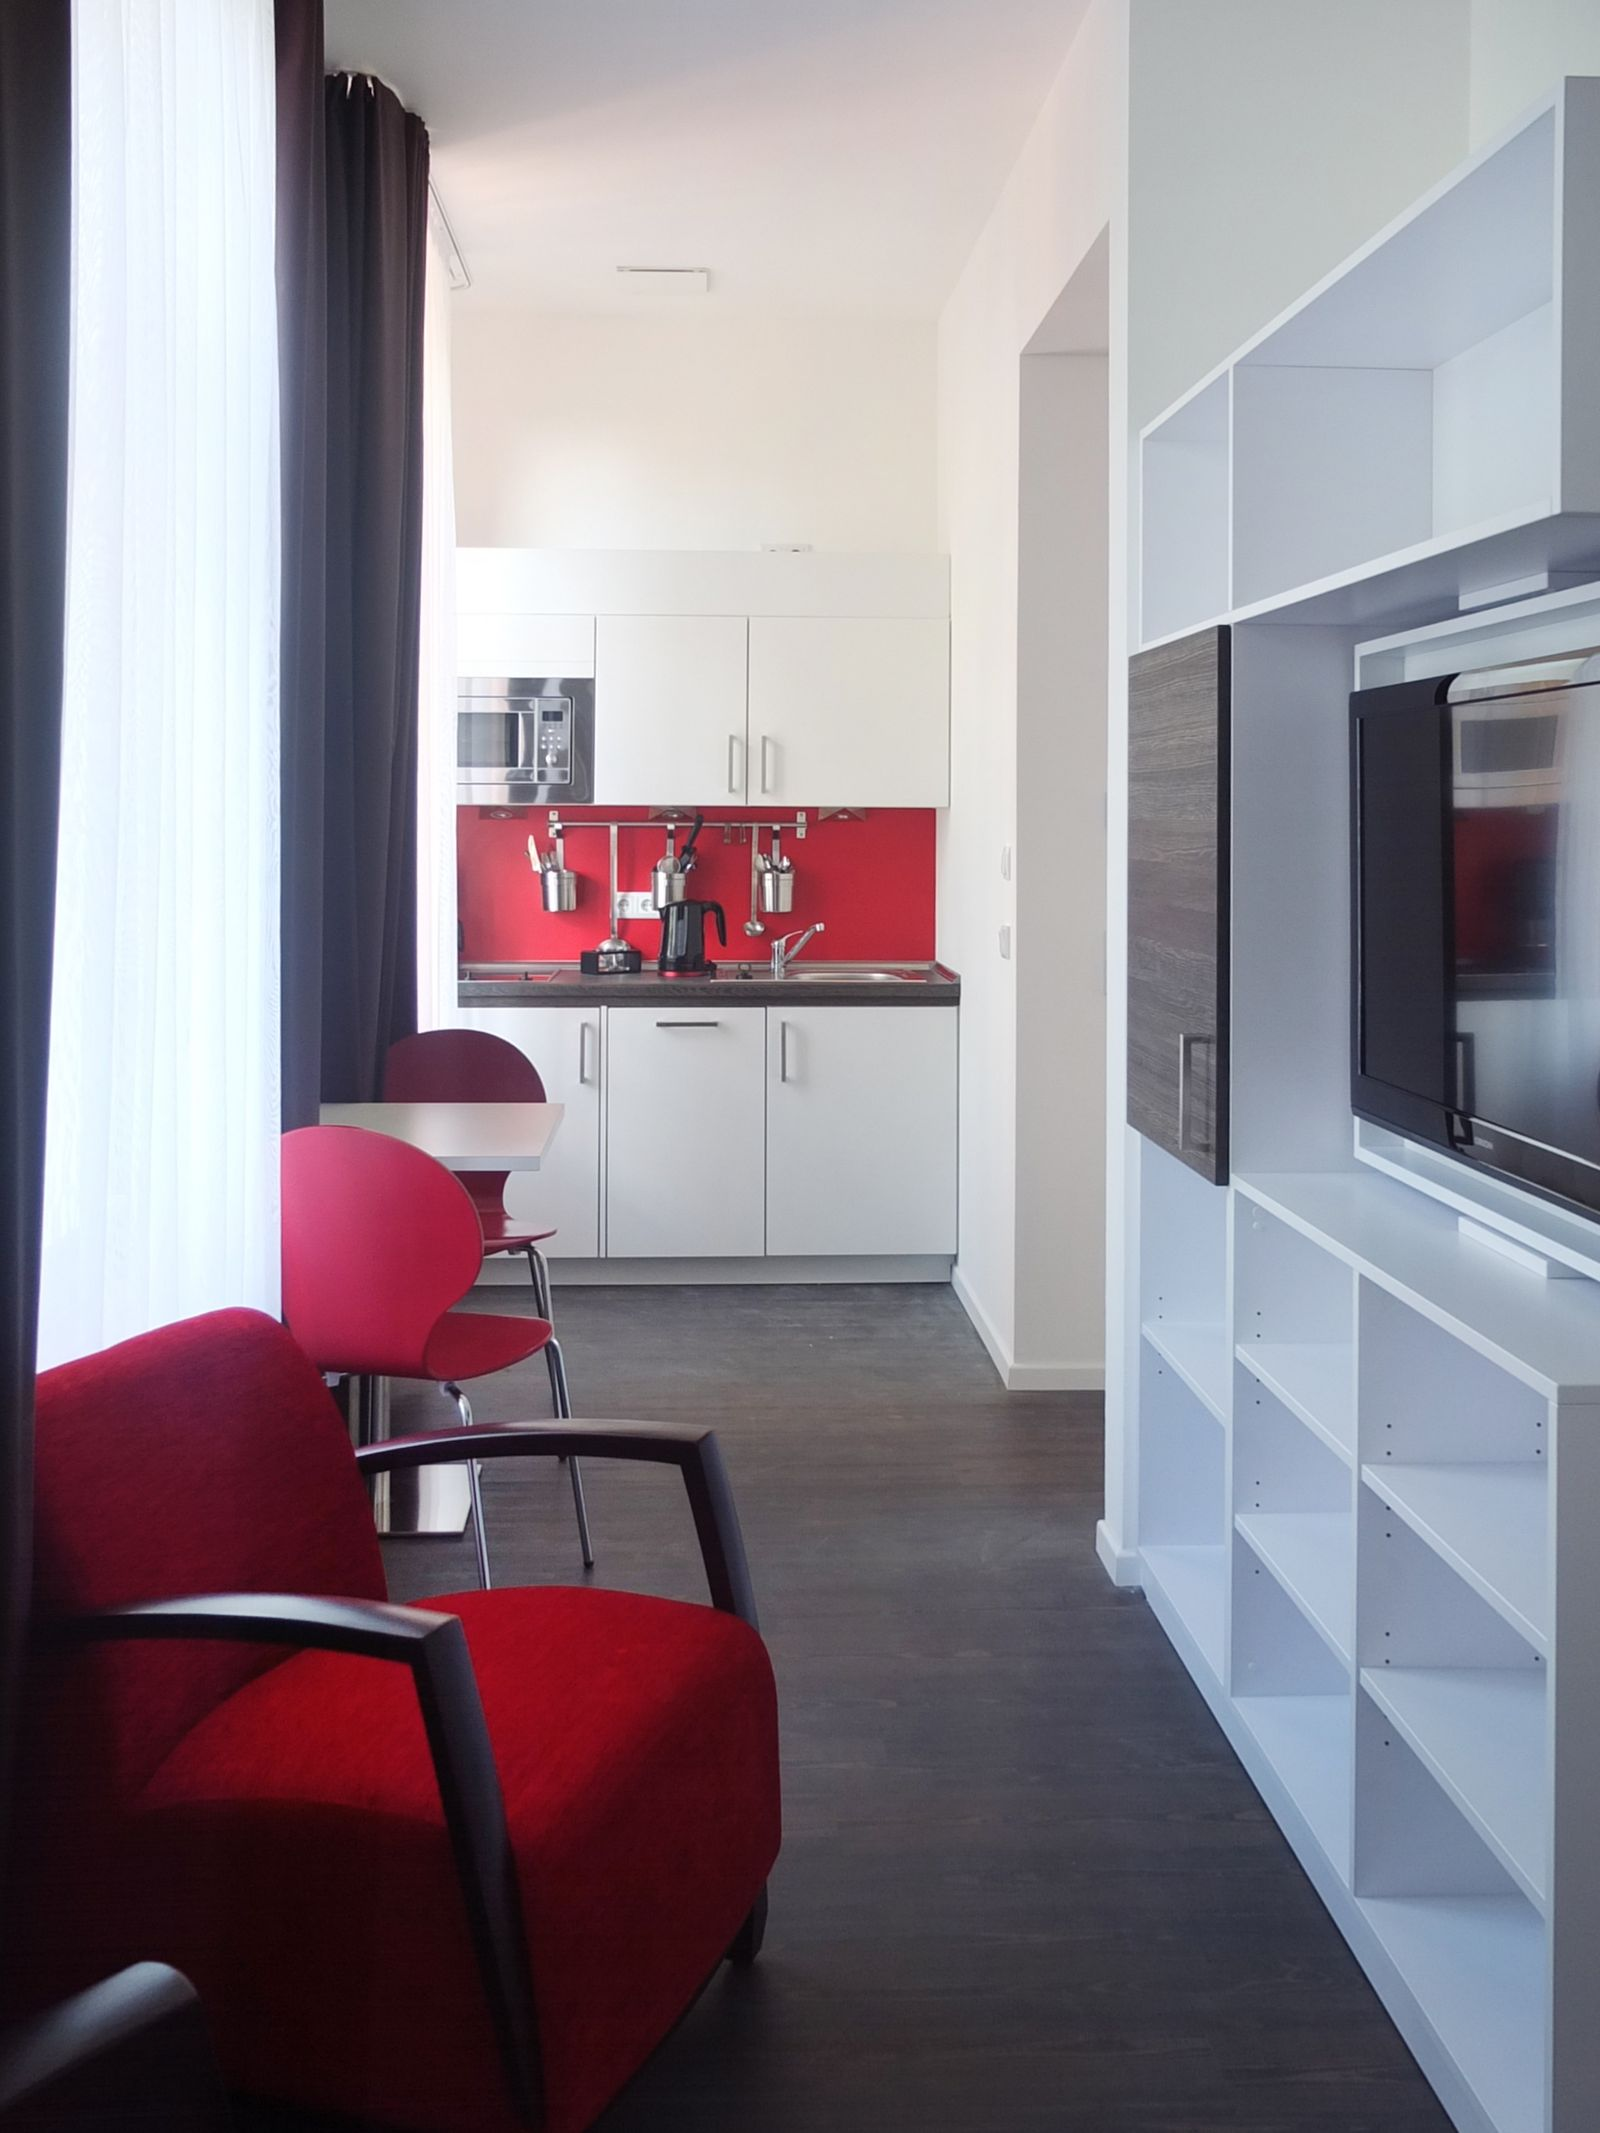 Gwg boardinghouse halle innenarchitektur shops praxis for Halle innenarchitektur